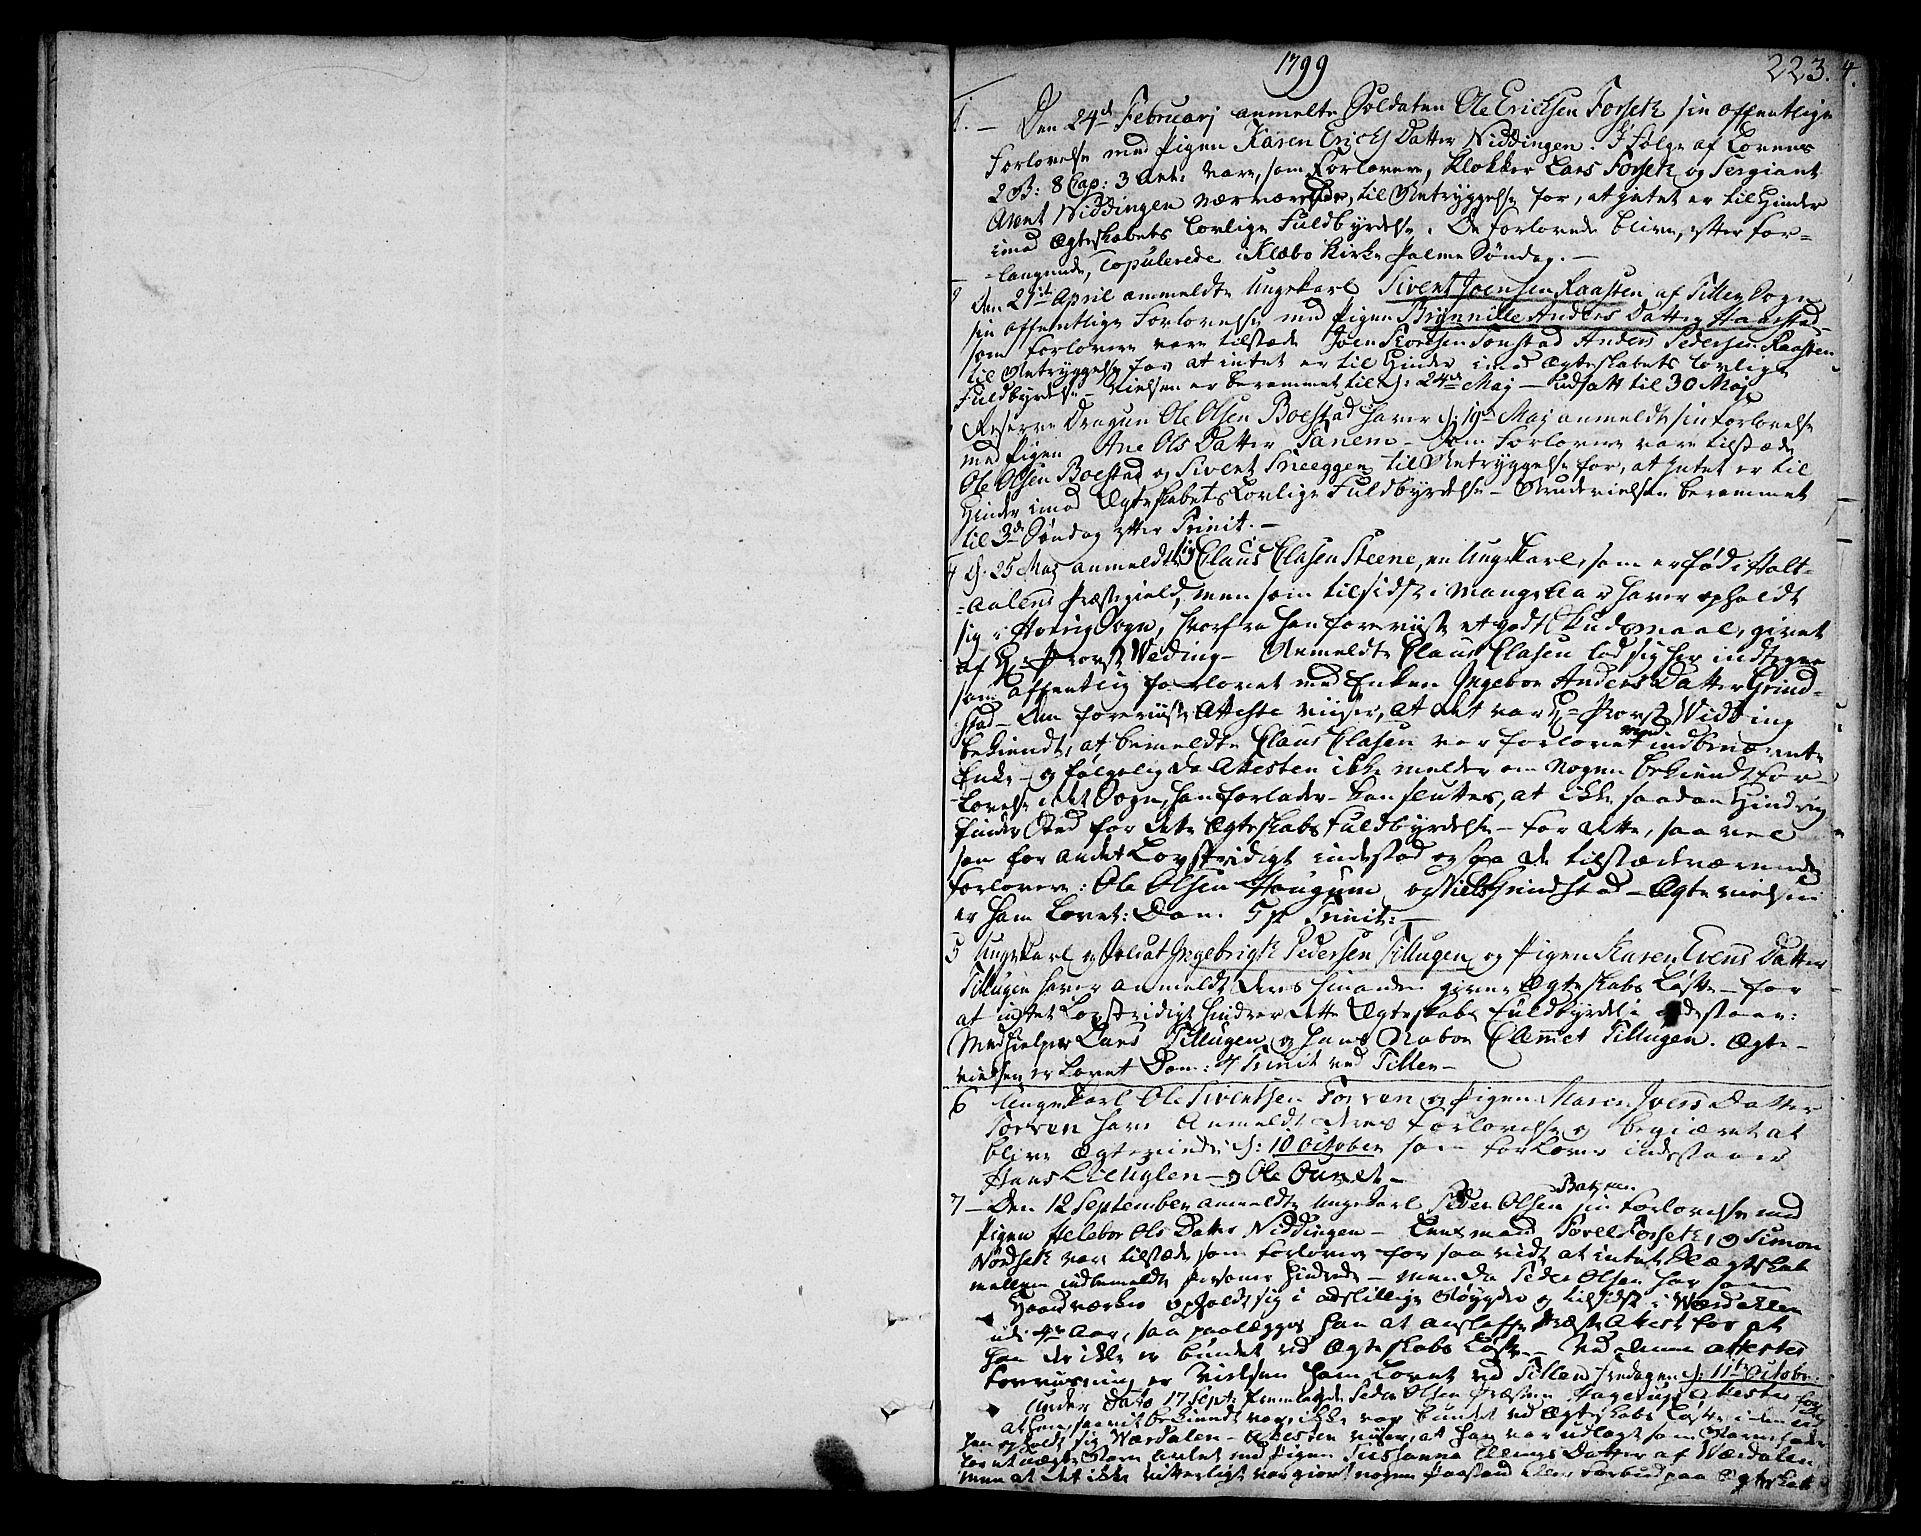 SAT, Ministerialprotokoller, klokkerbøker og fødselsregistre - Sør-Trøndelag, 618/L0438: Ministerialbok nr. 618A03, 1783-1815, s. 223